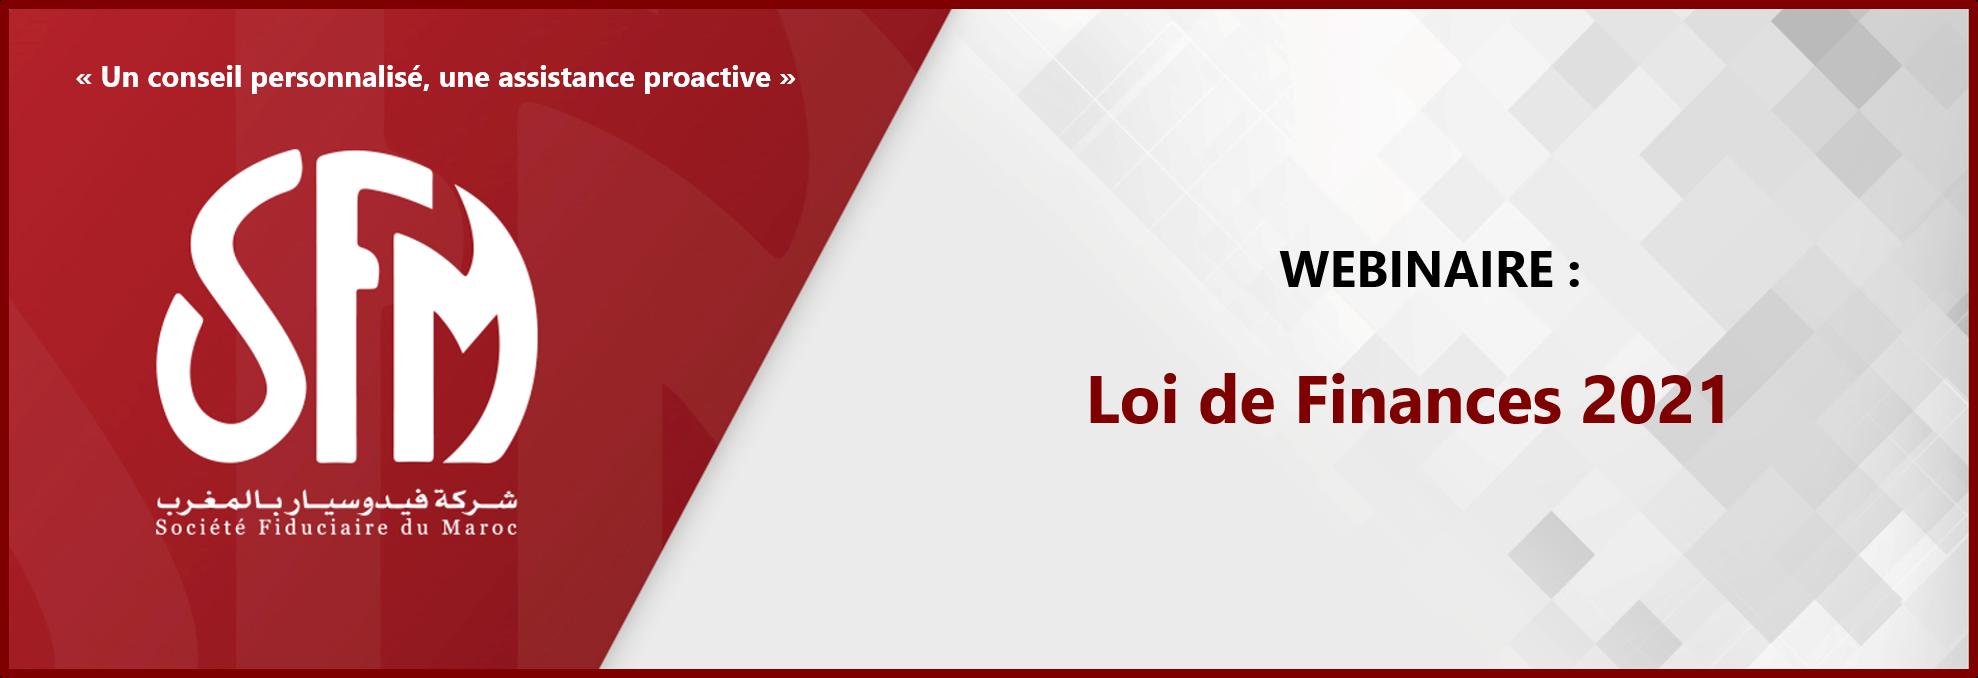 Webinaire SFM : Loi de Finances 2021